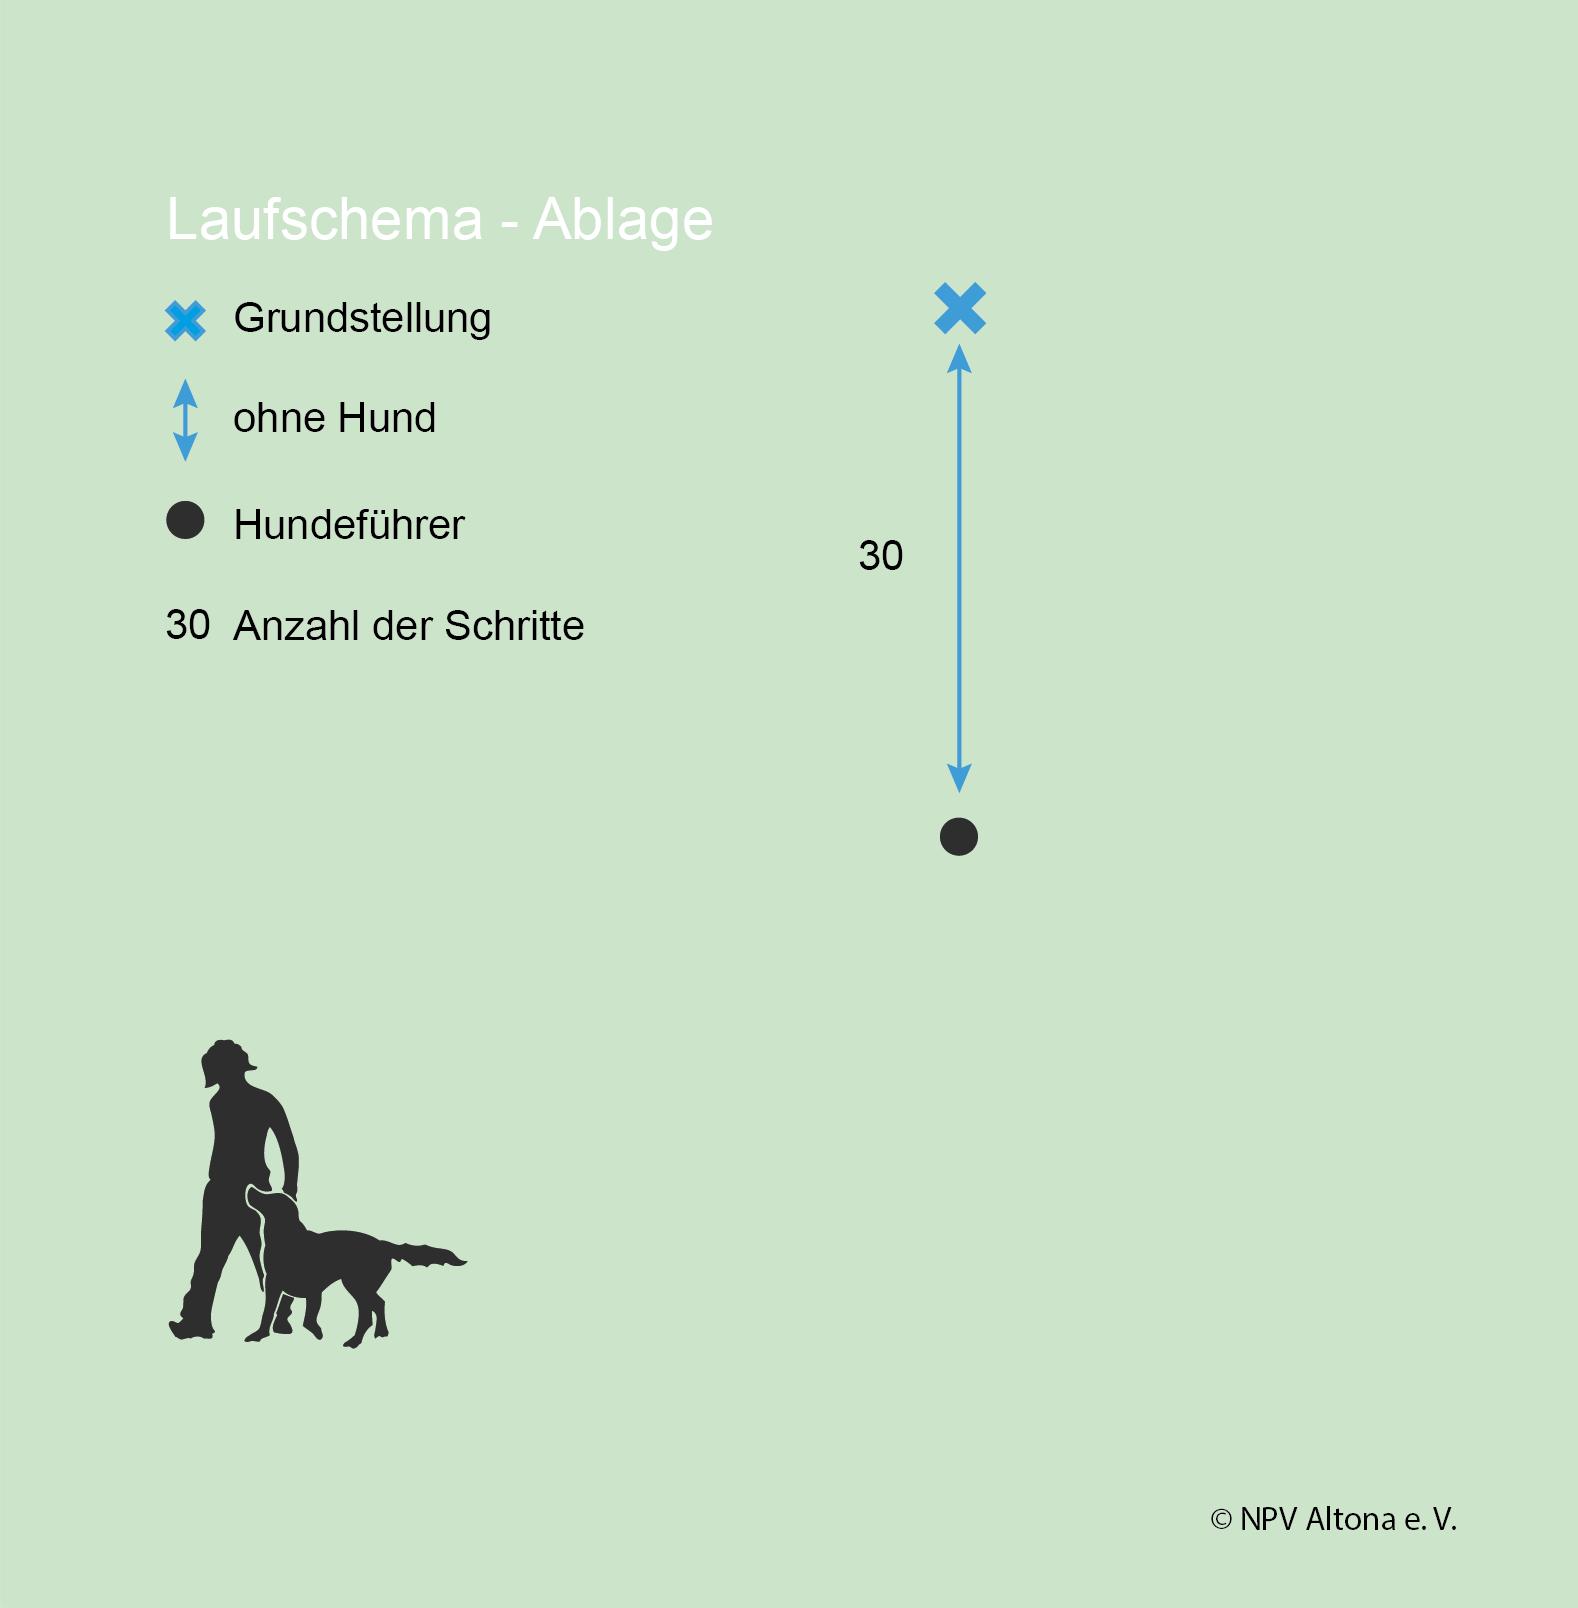 Laufschema-Ablage